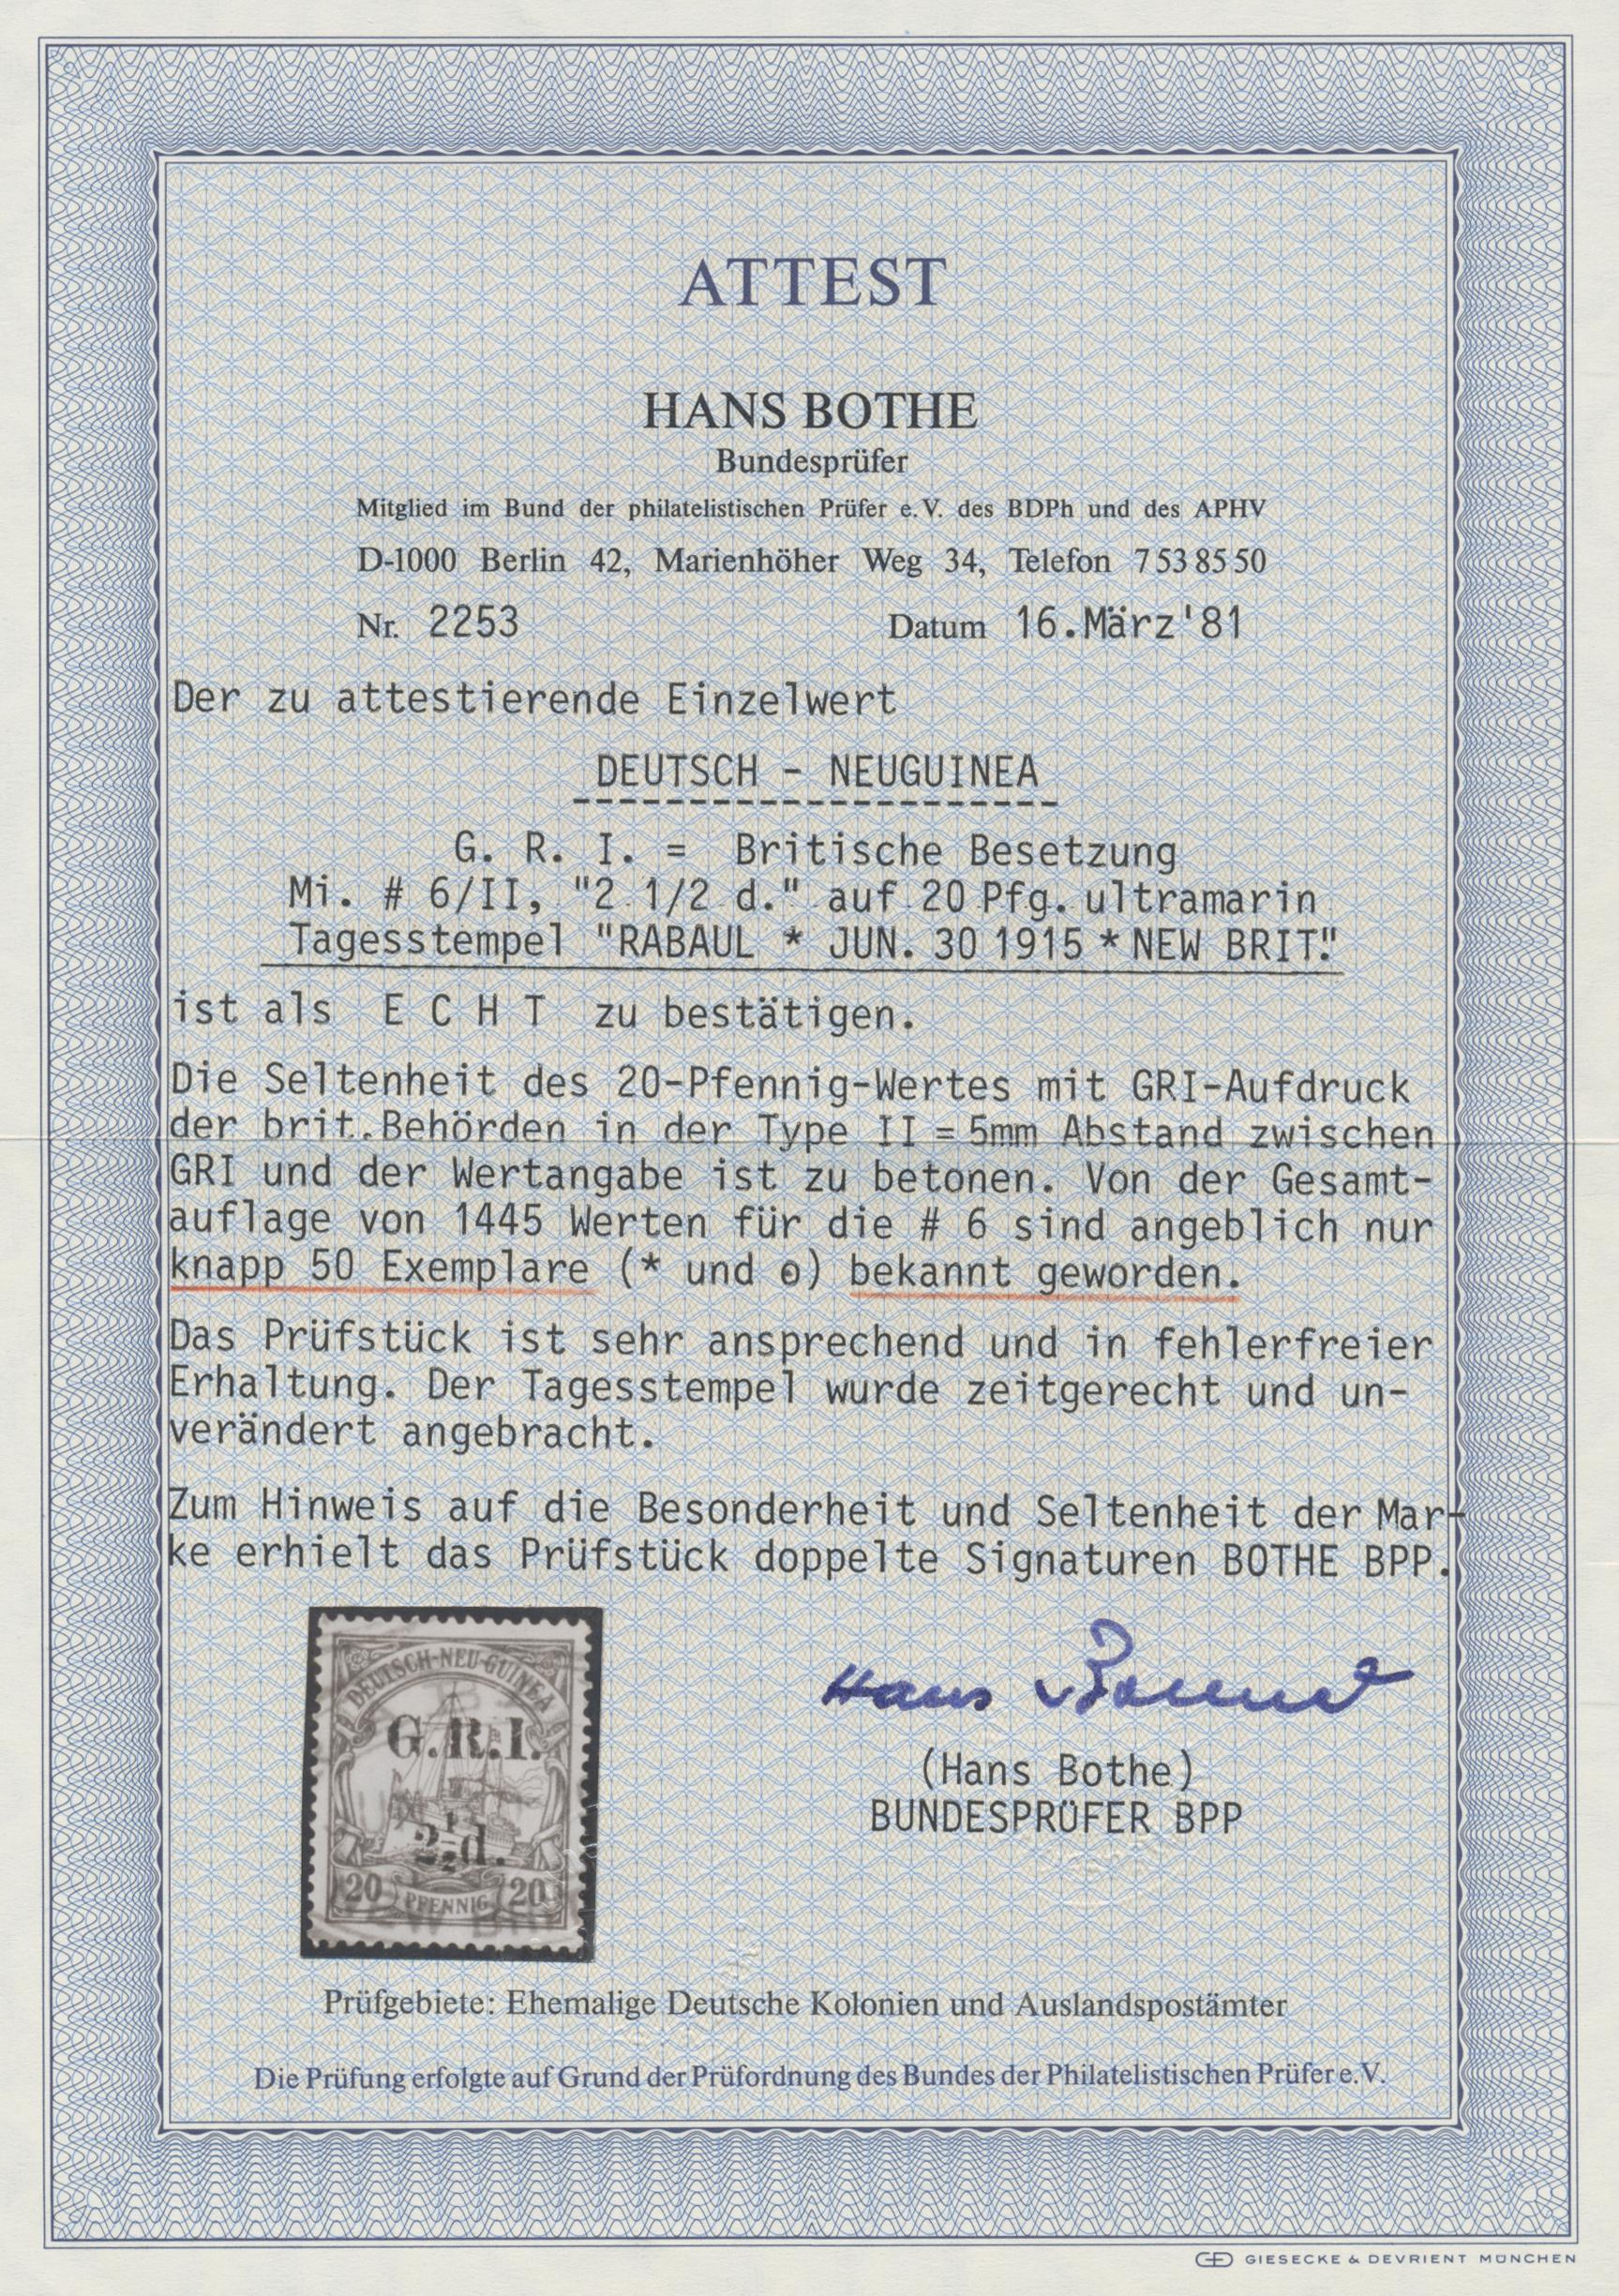 Lot 00009 - Deutsch-Neuguinea - Britische Besetzung  -  Auktionshaus Christoph Gärtner GmbH & Co. KG Special Auction Collection PETER ZGONC